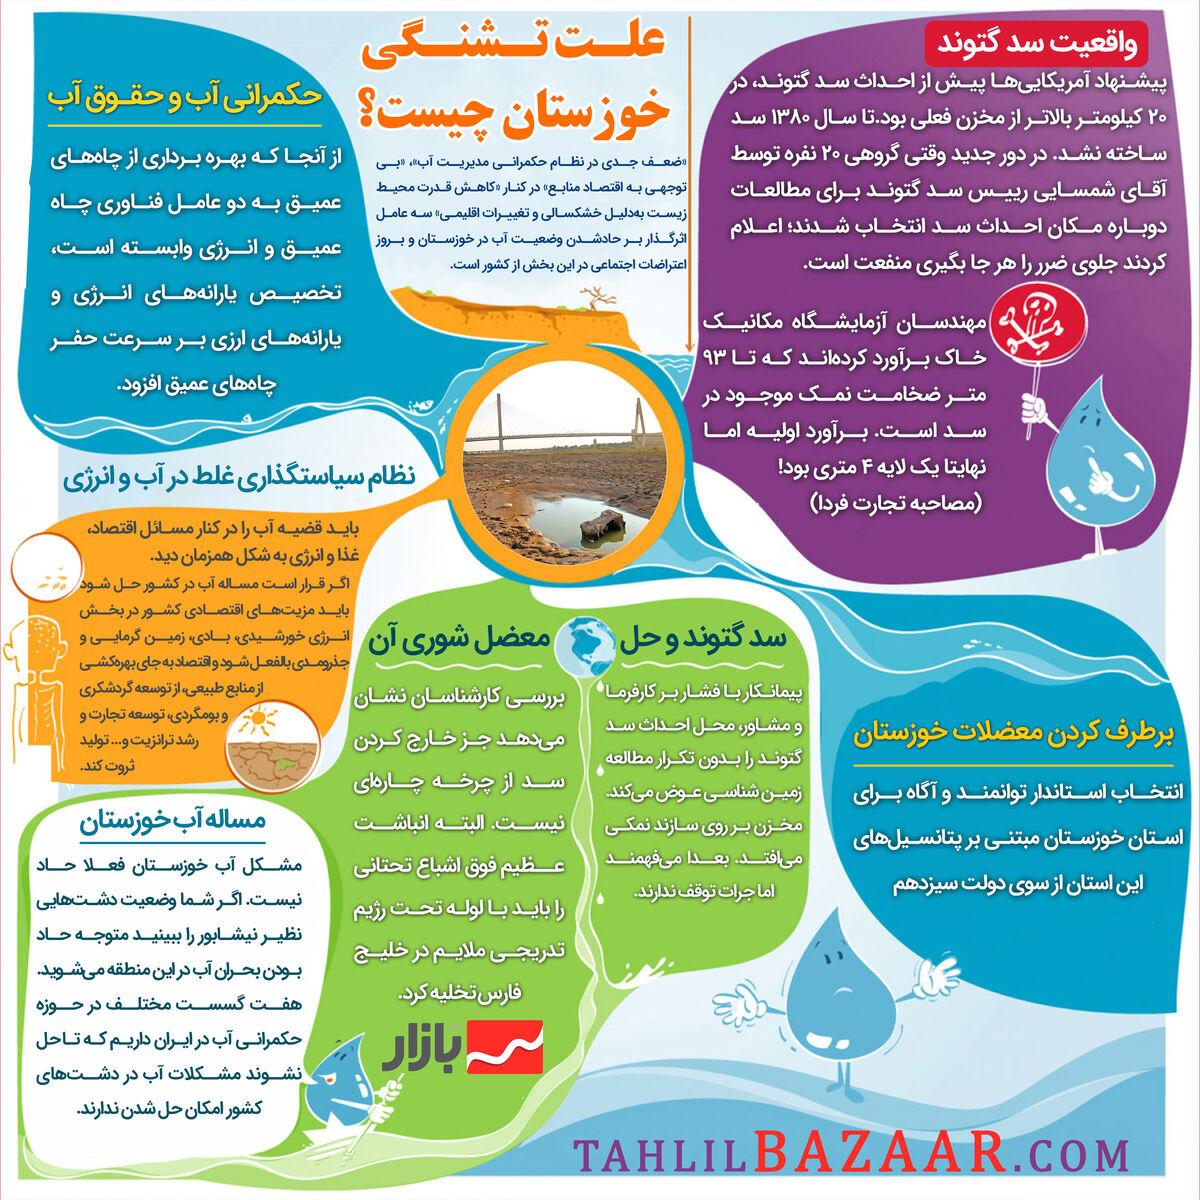 علت تشنگی خوزستان چیست؟